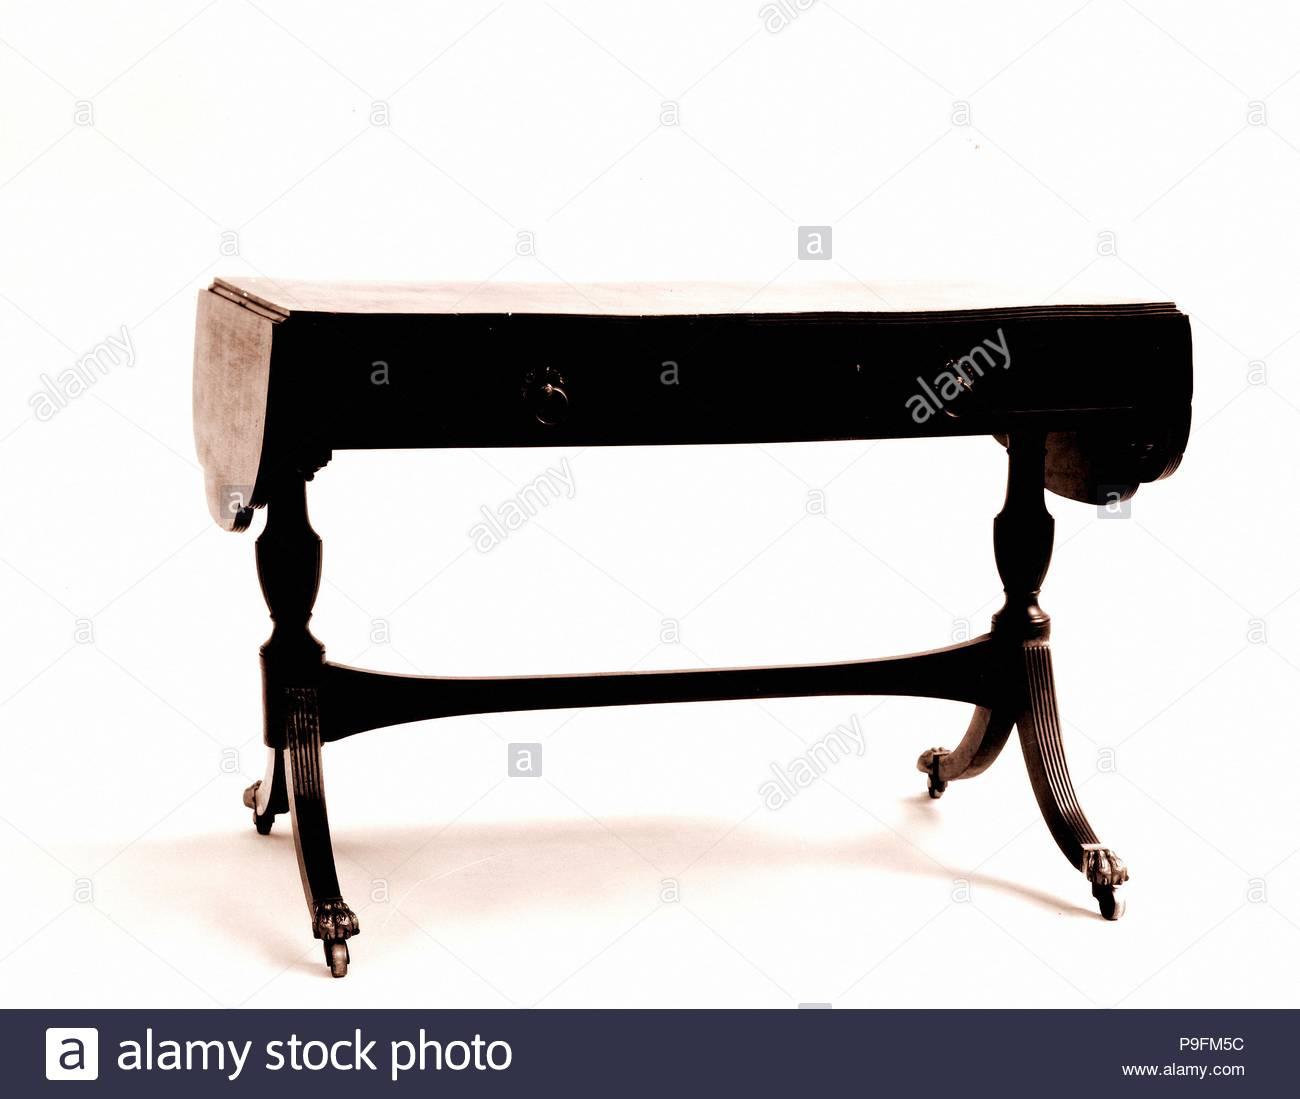 Struttura Pieghevole Per Tavolo.Struttura Di Tavolo Pieghevole 1800 1815 Realizzato A New York